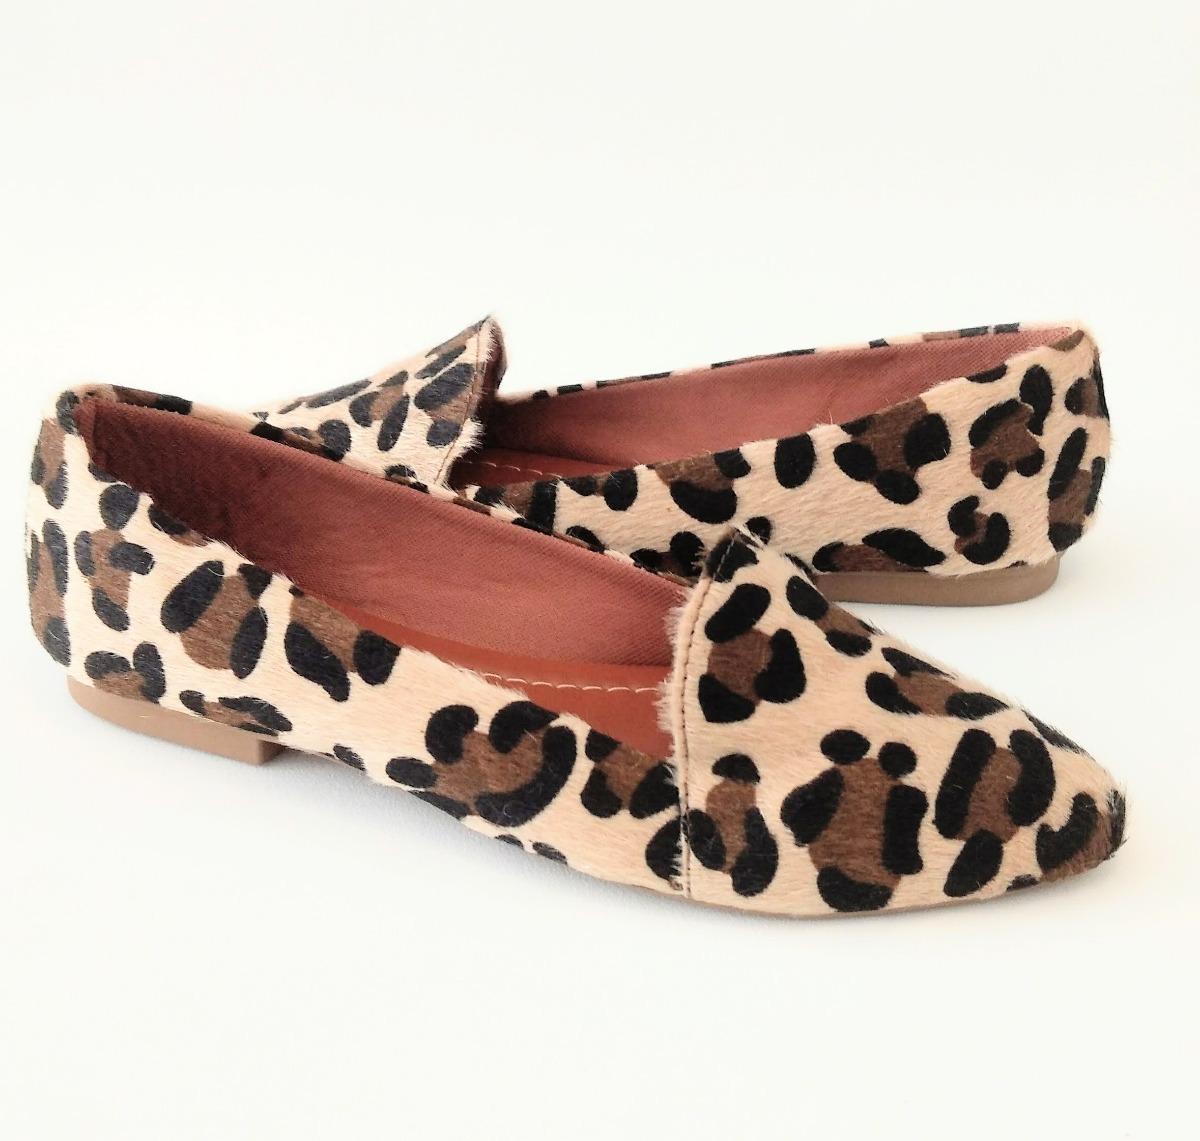 5beb6791f5 mocassim feminino onça sapatilha slipper social confortável. Carregando  zoom.